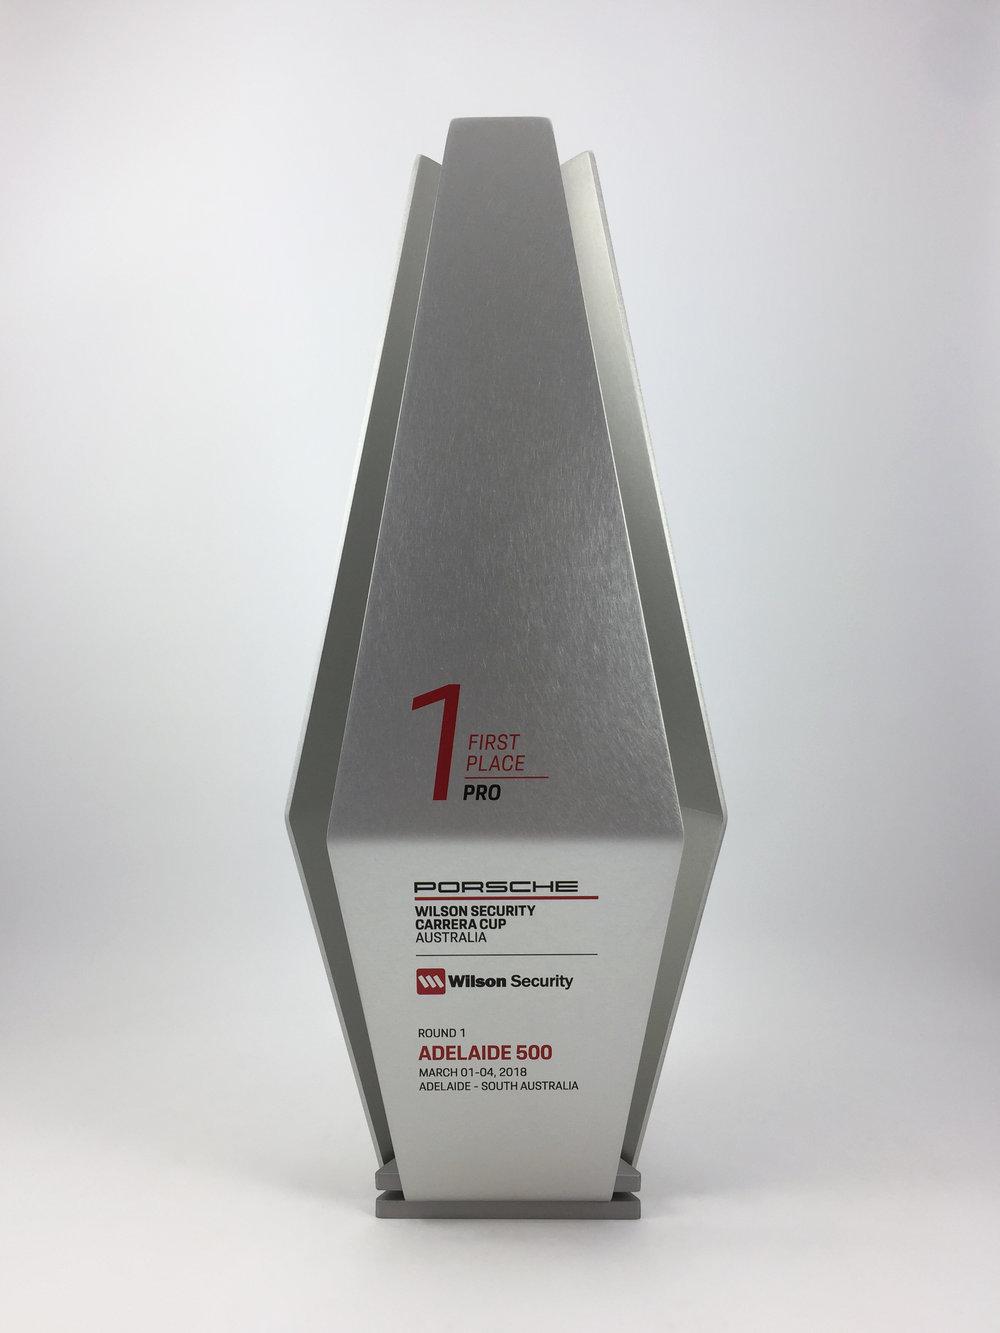 porsche-carrera-cup-race-trophy-metal-sculpture-award-03.jpg